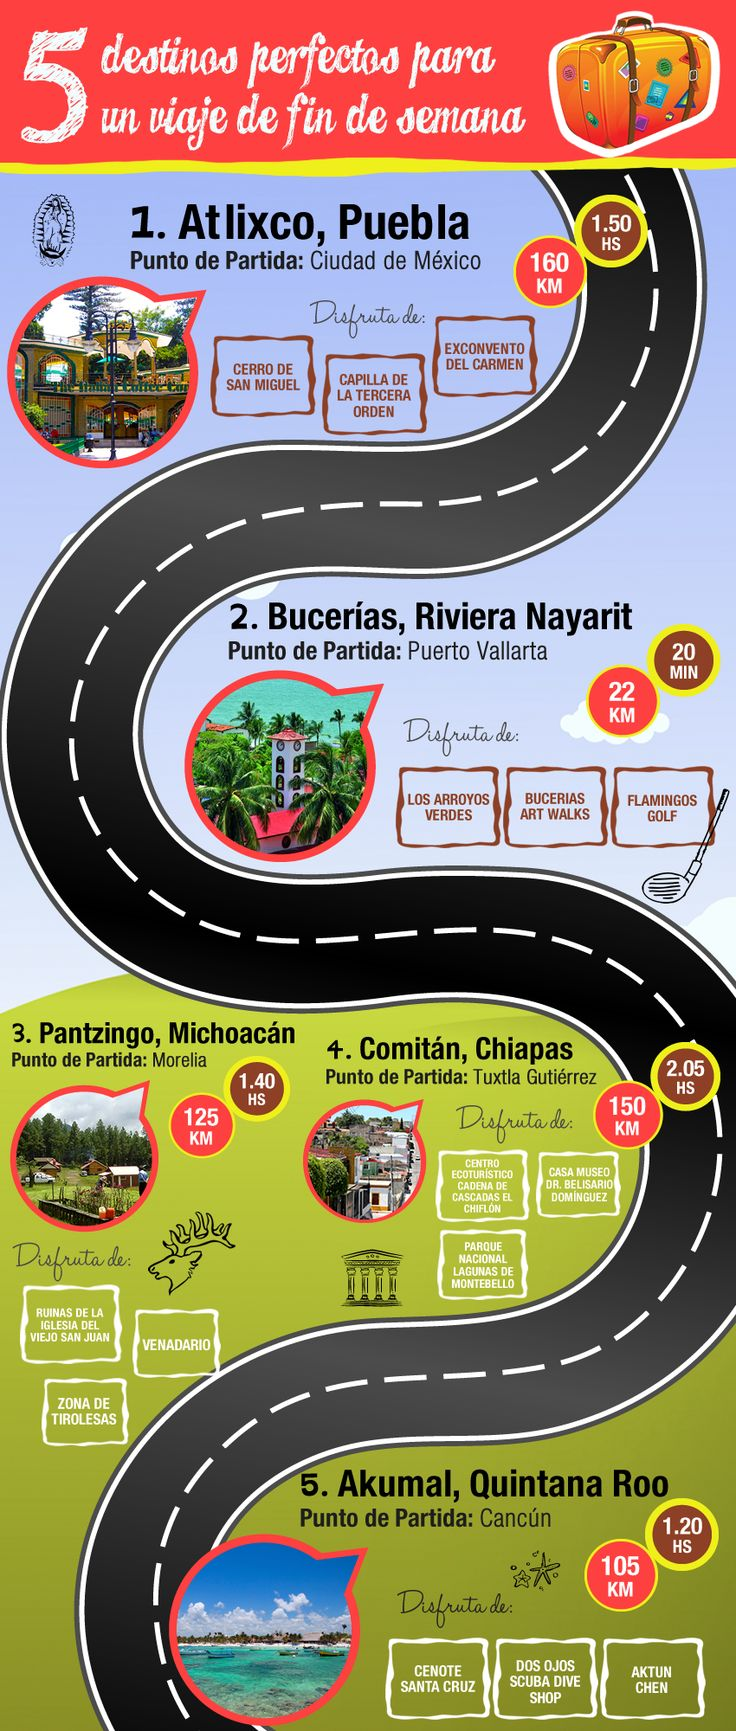 5 alternativas de viajes de fin de semana en #Mexico #Infografia #Infographic http://www.bestday.com.mx/Hoteles/